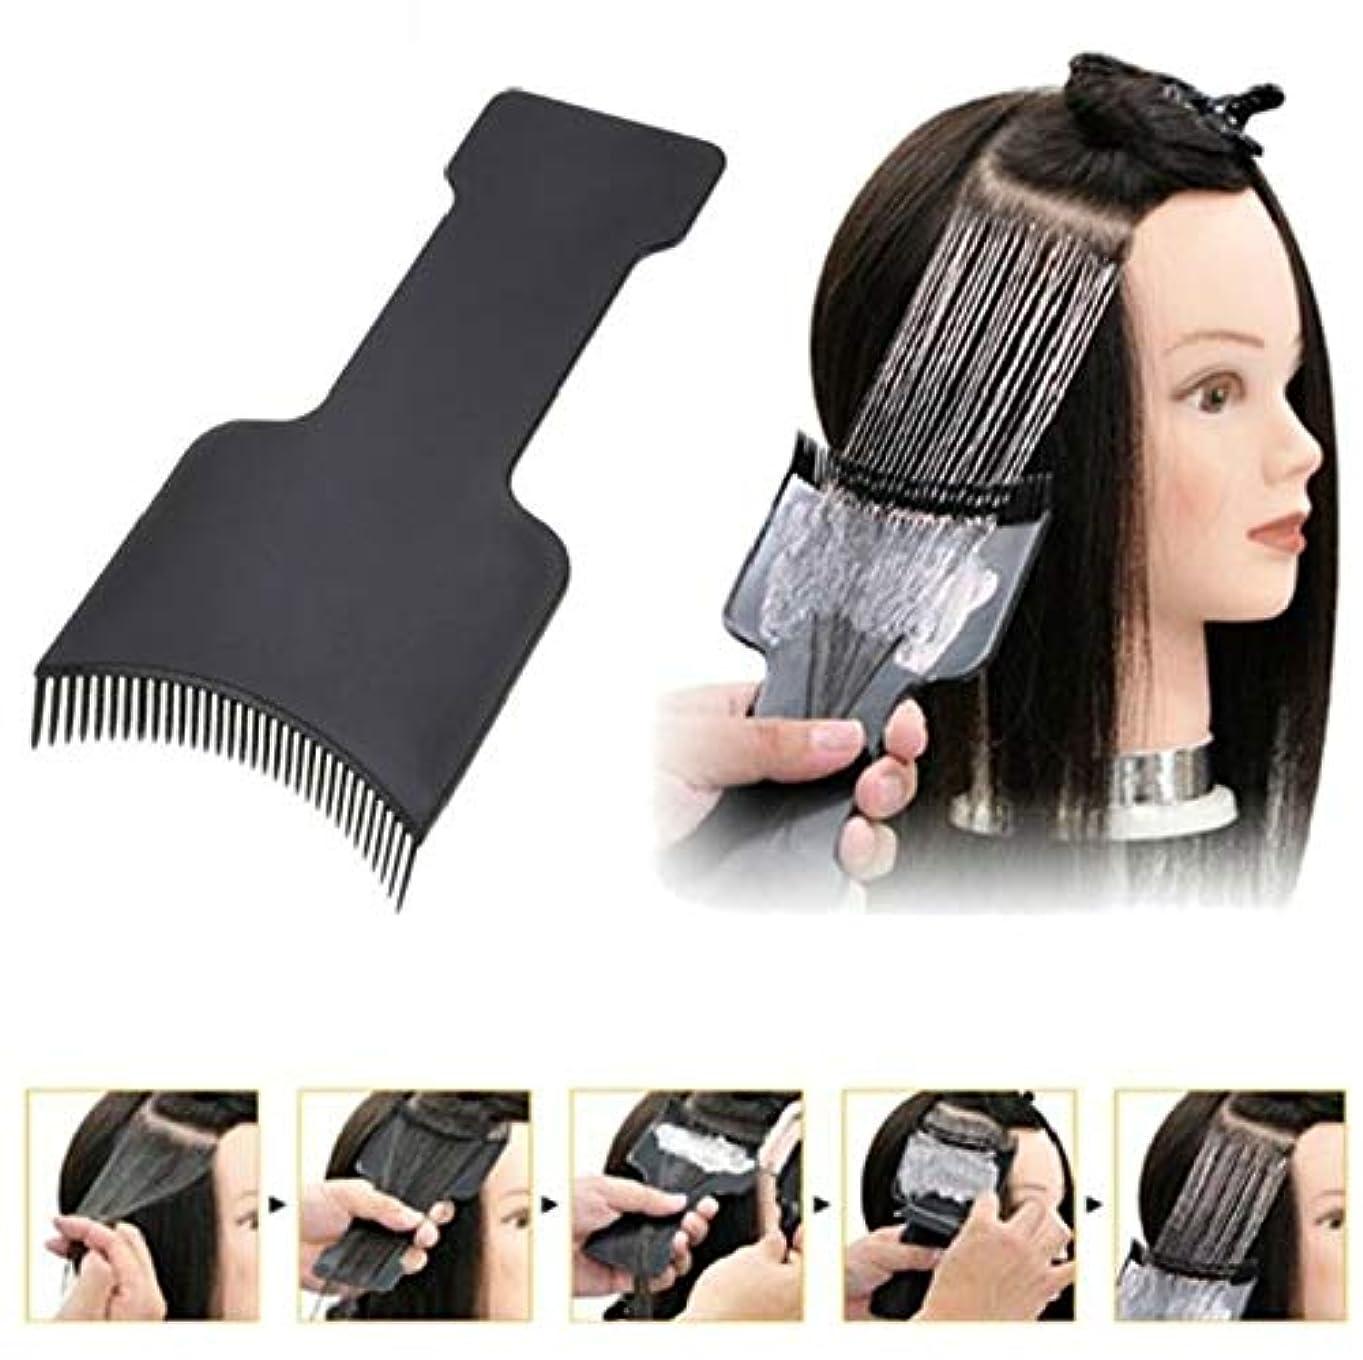 最少スマッシュ佐賀2 Size/set Professional Fashion Hairdressing Hair Applicator Brush Dispensing Salon Hair Coloring Dyeing Pick Color Board Hair Styling Tool 2サイズ/セット プロフェッショナルファッションヘアドライヤーヘアアプリケーターブラシディスペンスサロンヘアカラー染色ピックカラーボードヘアスタイルツール